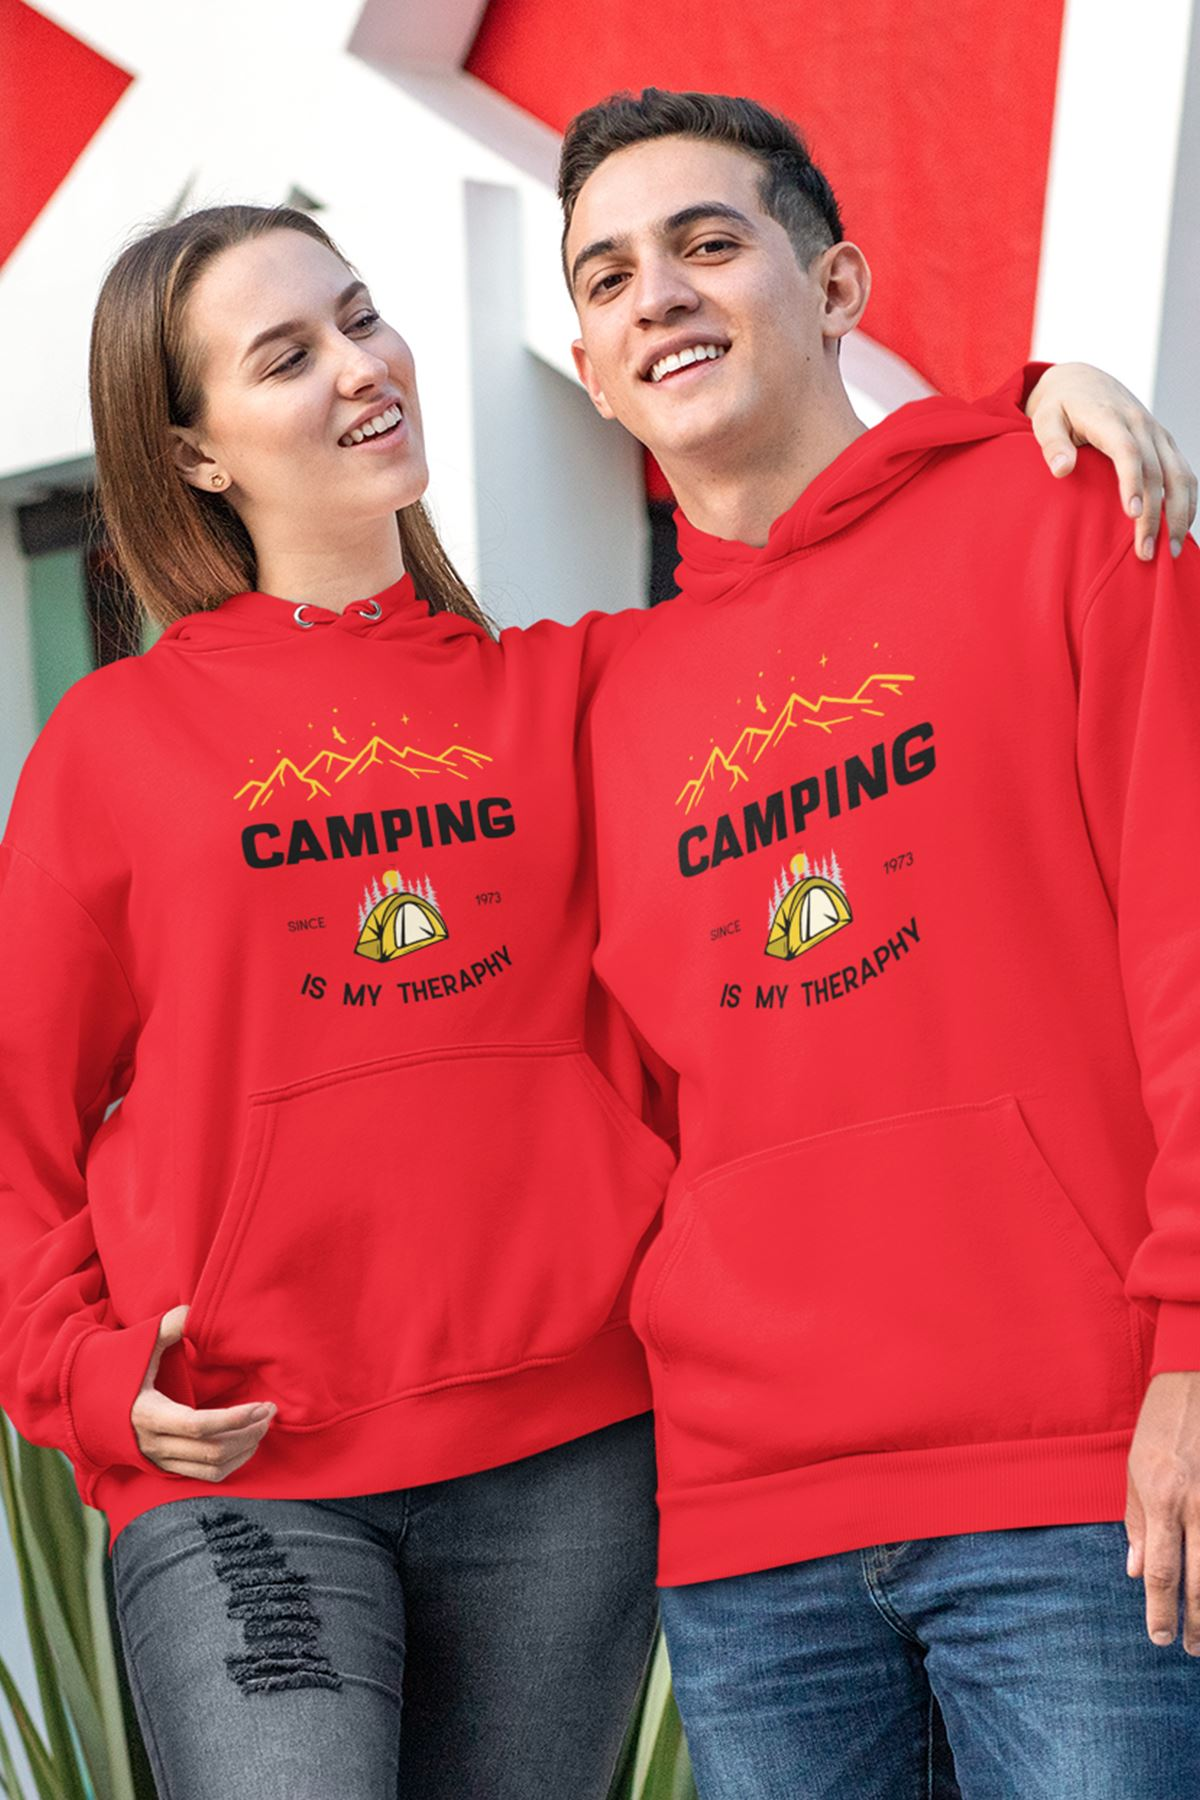 Sevgili Kombini Camping 02 Kırmızı Kapşonlu Sweatshirt - Tek Ürün Fiyatıdır.